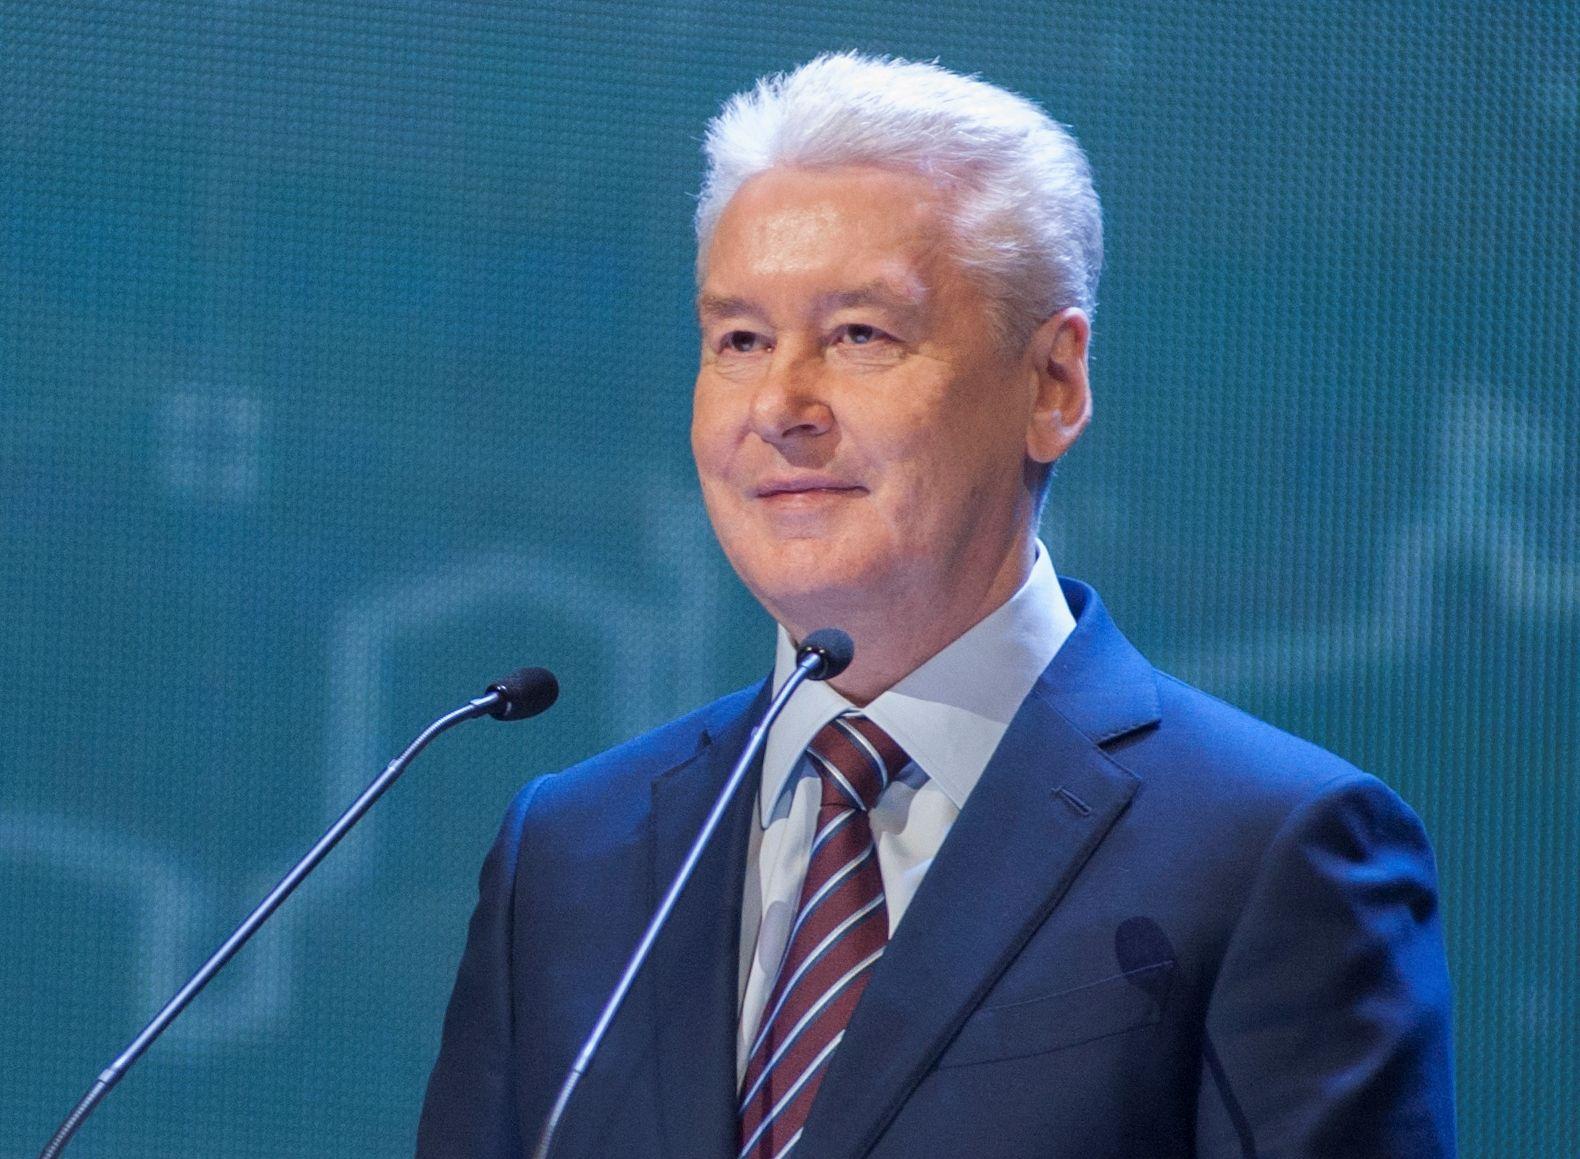 Сергей Собянин рассказал об уникальных технологиях для электронного голосования 8 сентября